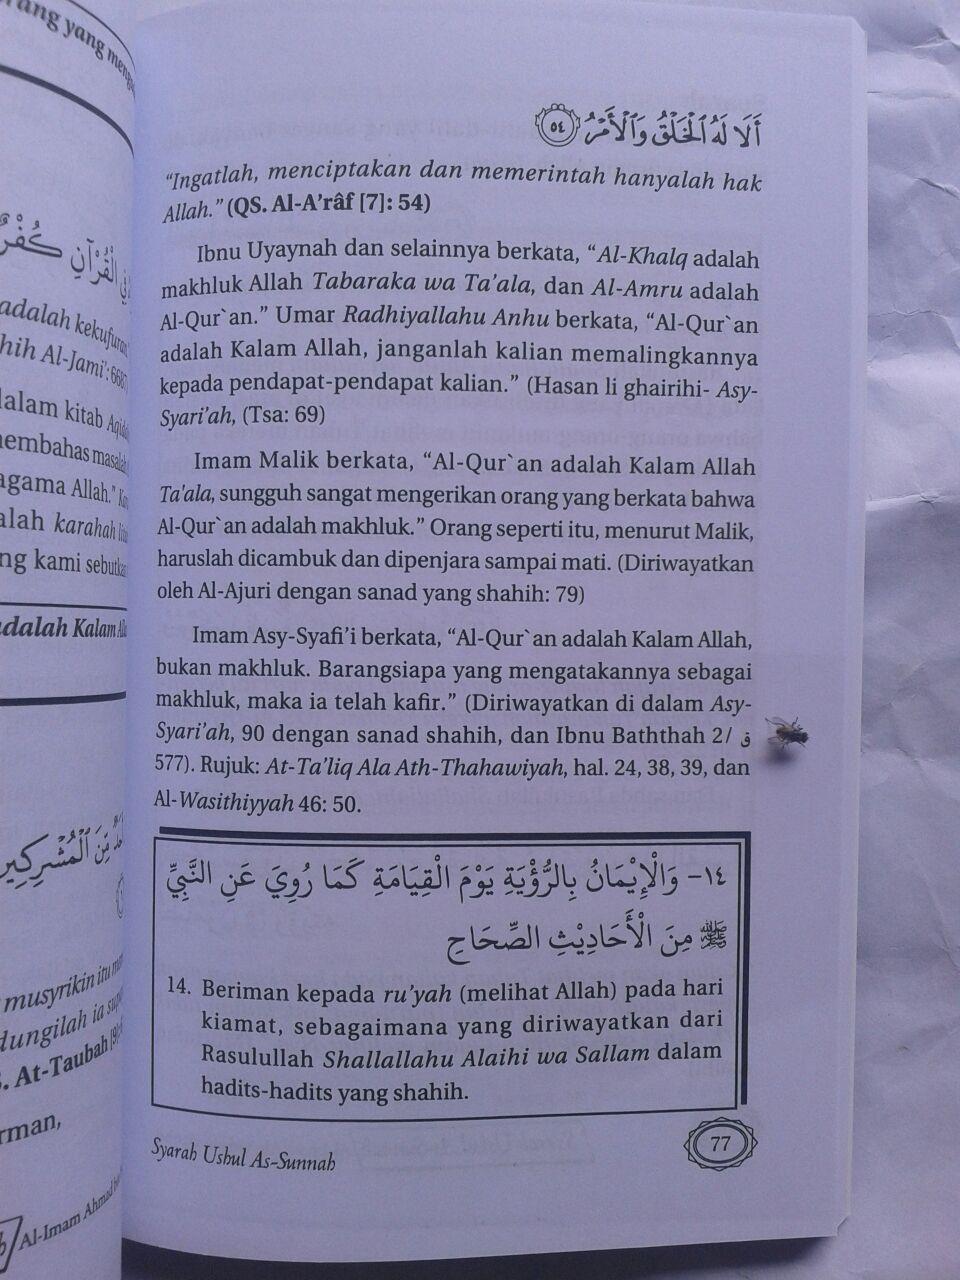 Buku Syarah Ushul As-Sunnah Imam Ahmad Bin Hambal 29,000 15% 24,650 isi